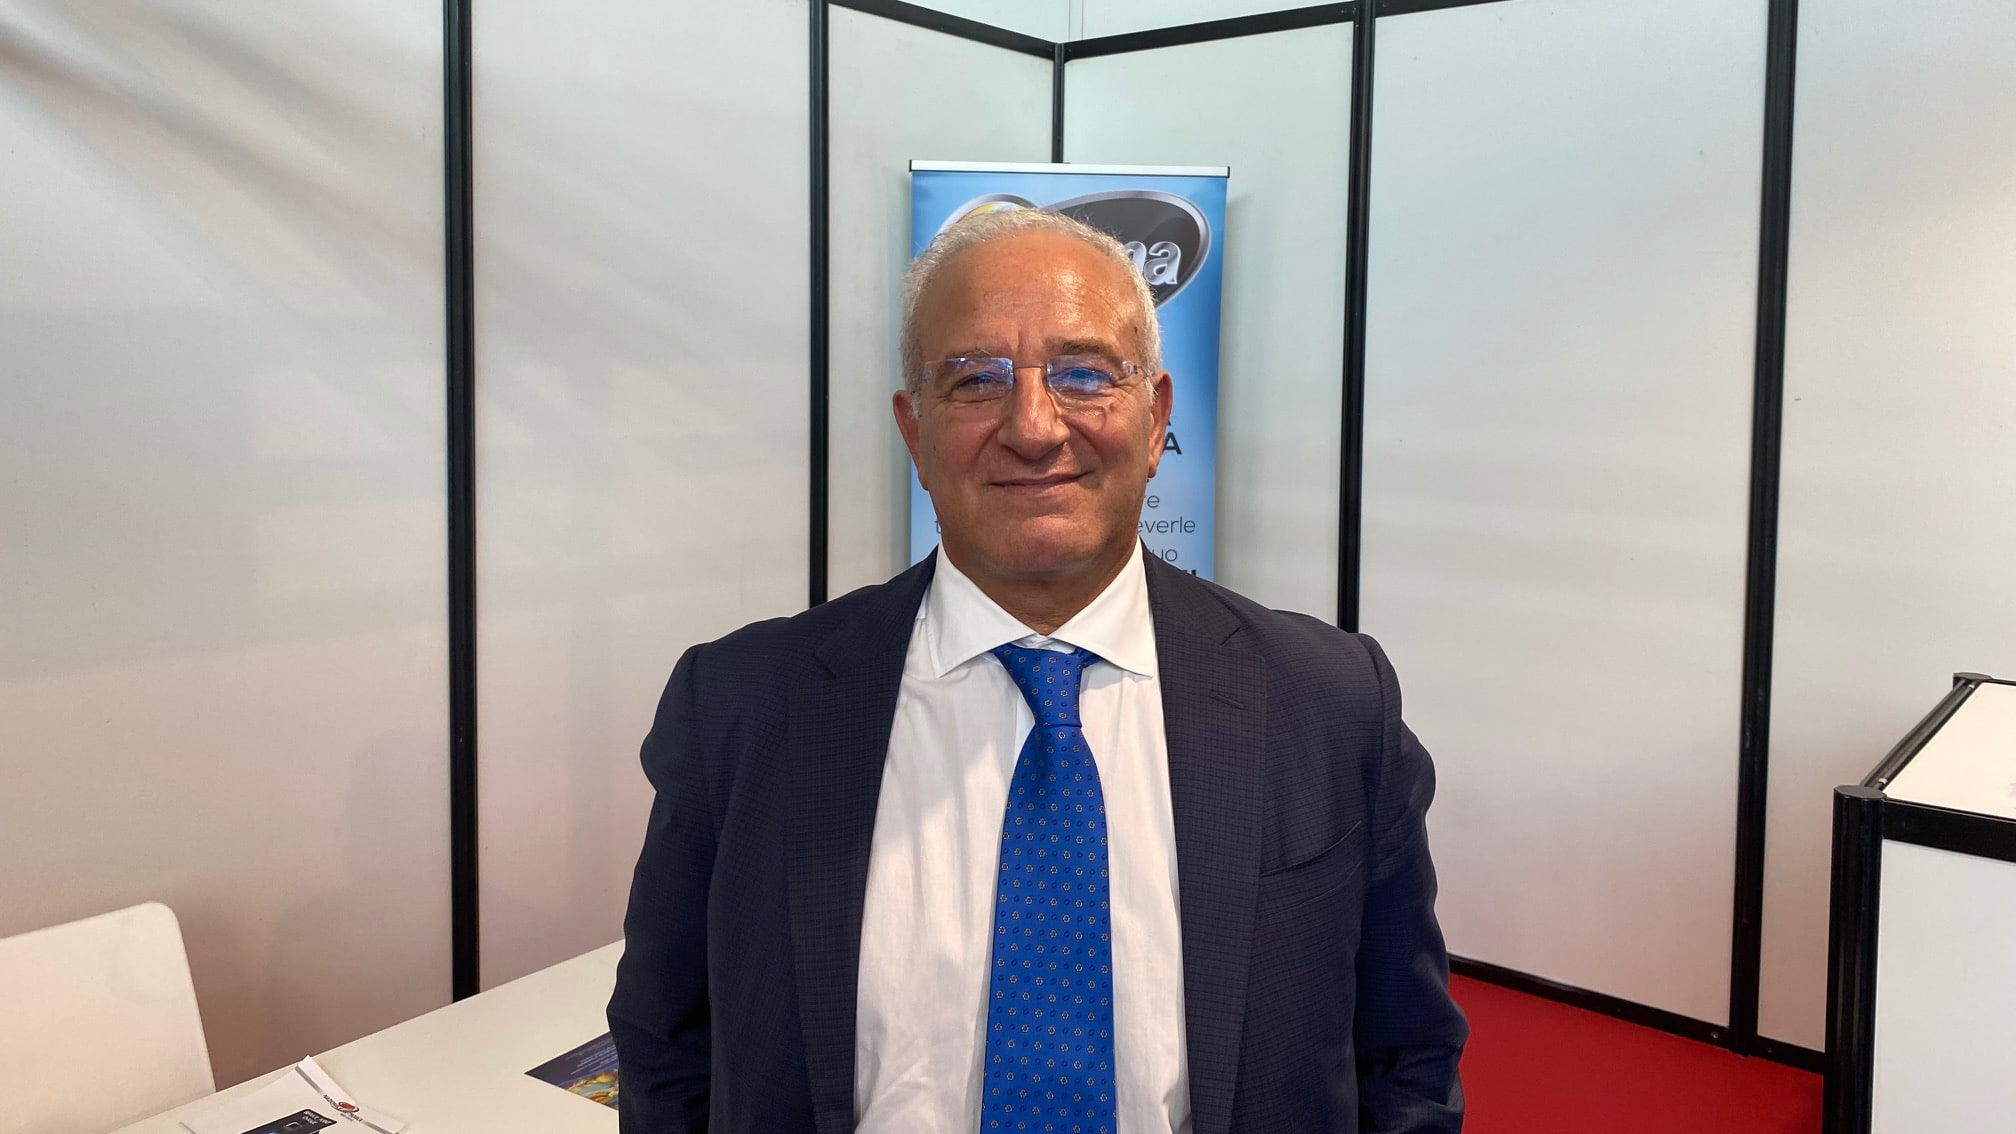 Pasquale Chiacchio